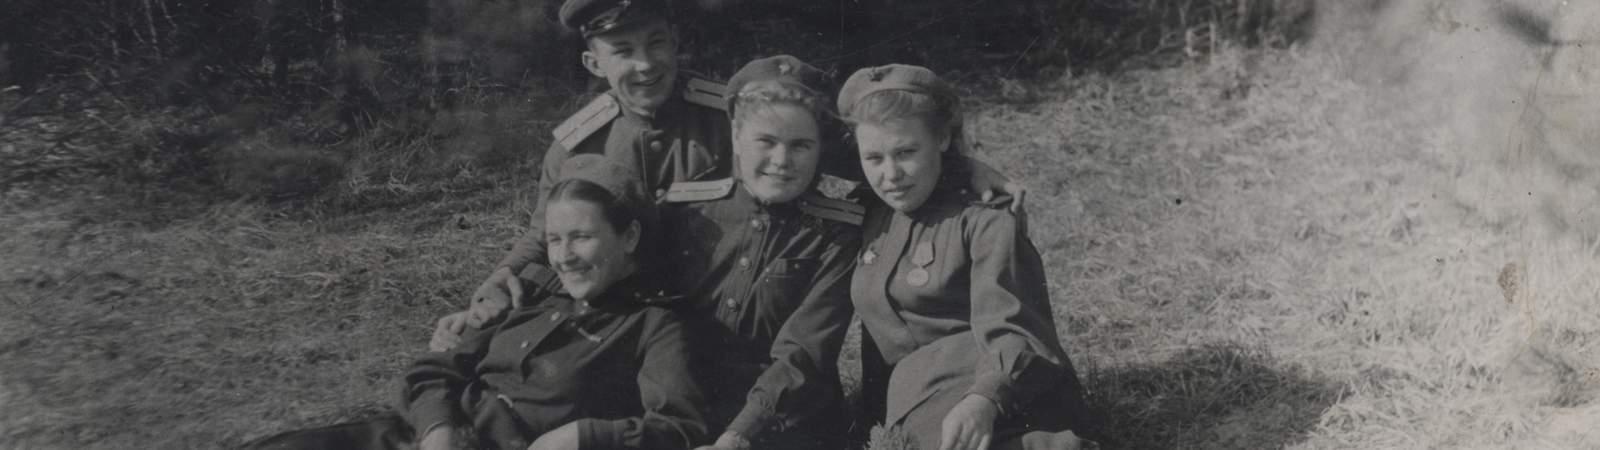 Девчонки на войне